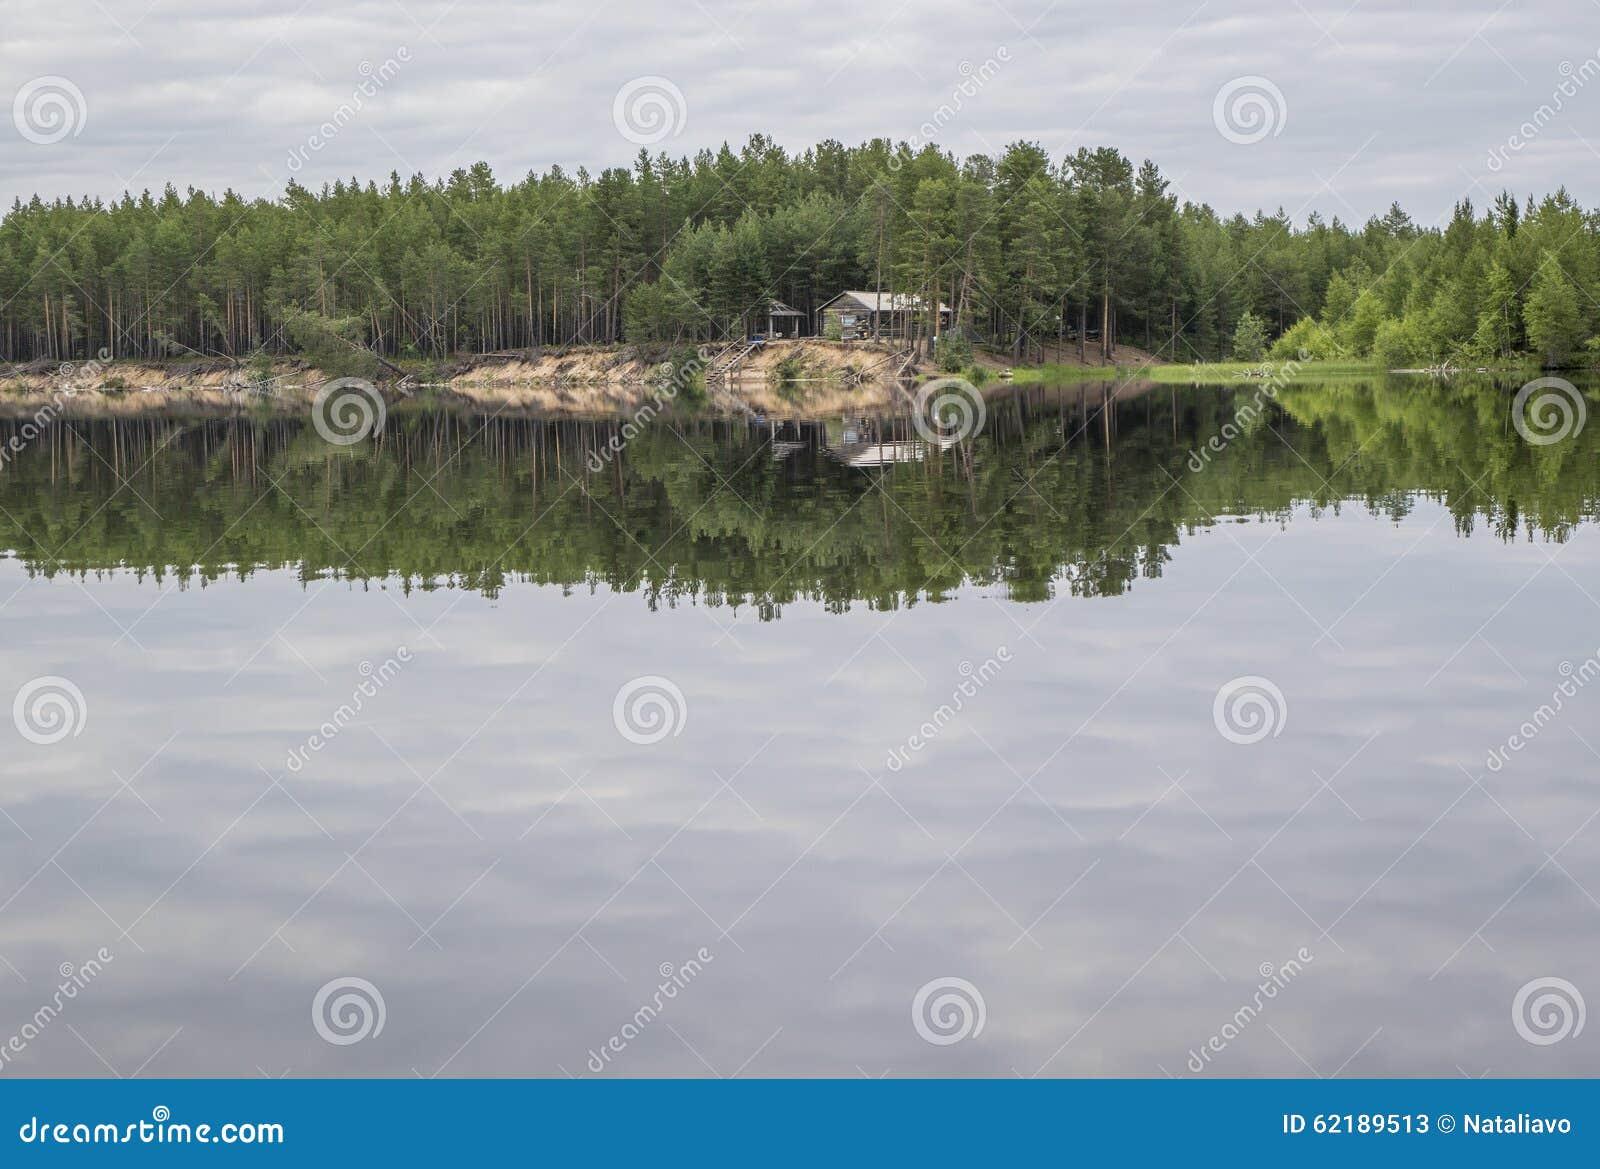 猎人和渔夫的木小屋在森林里,在海岛上 Paanajärvi国家公园,卡累利阿